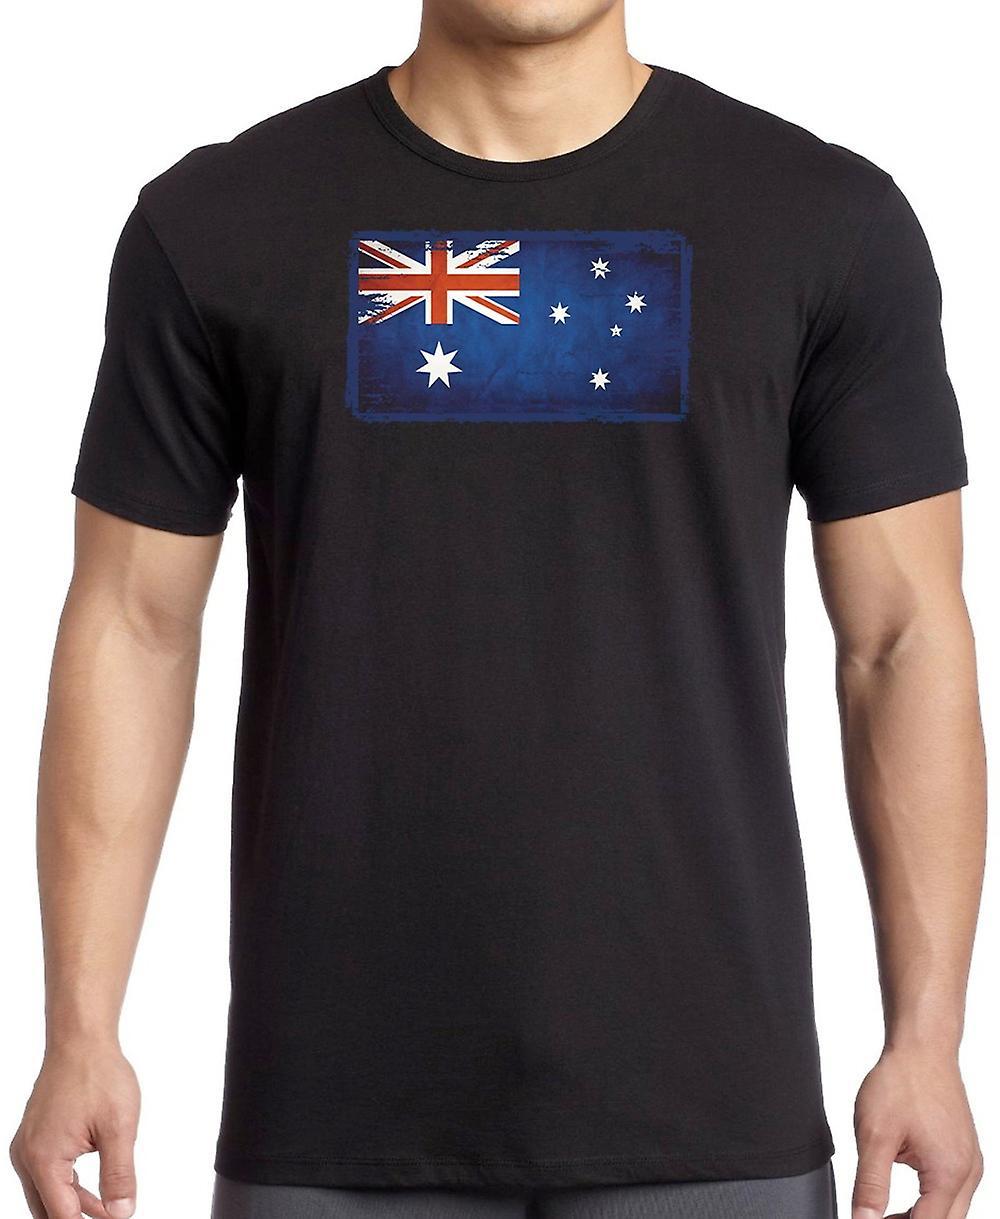 Australia Australia Grunge flagg Kids T skjorte